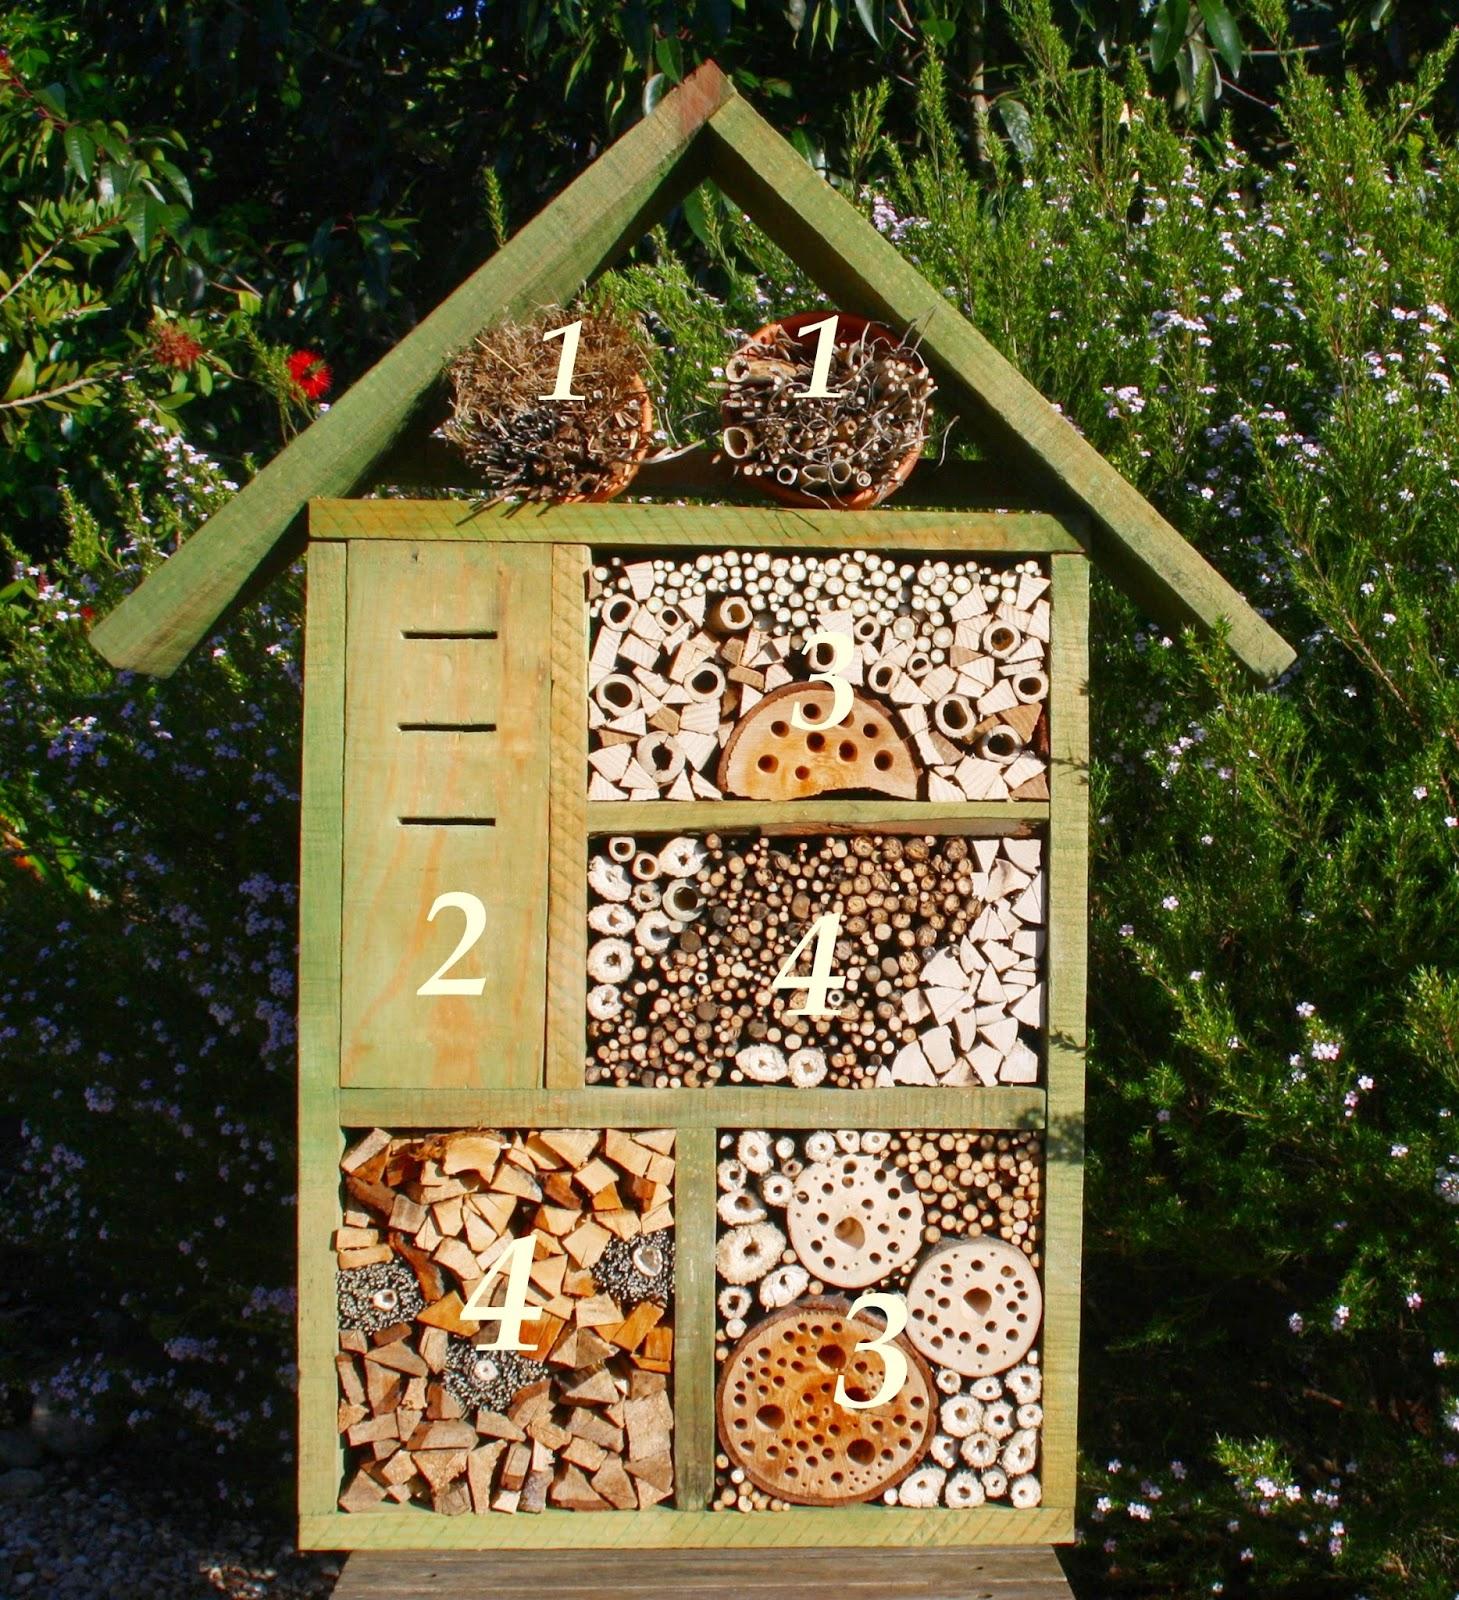 El jard n de margarita por qu instalar un hotel de for Ahuyentar abejas jardin